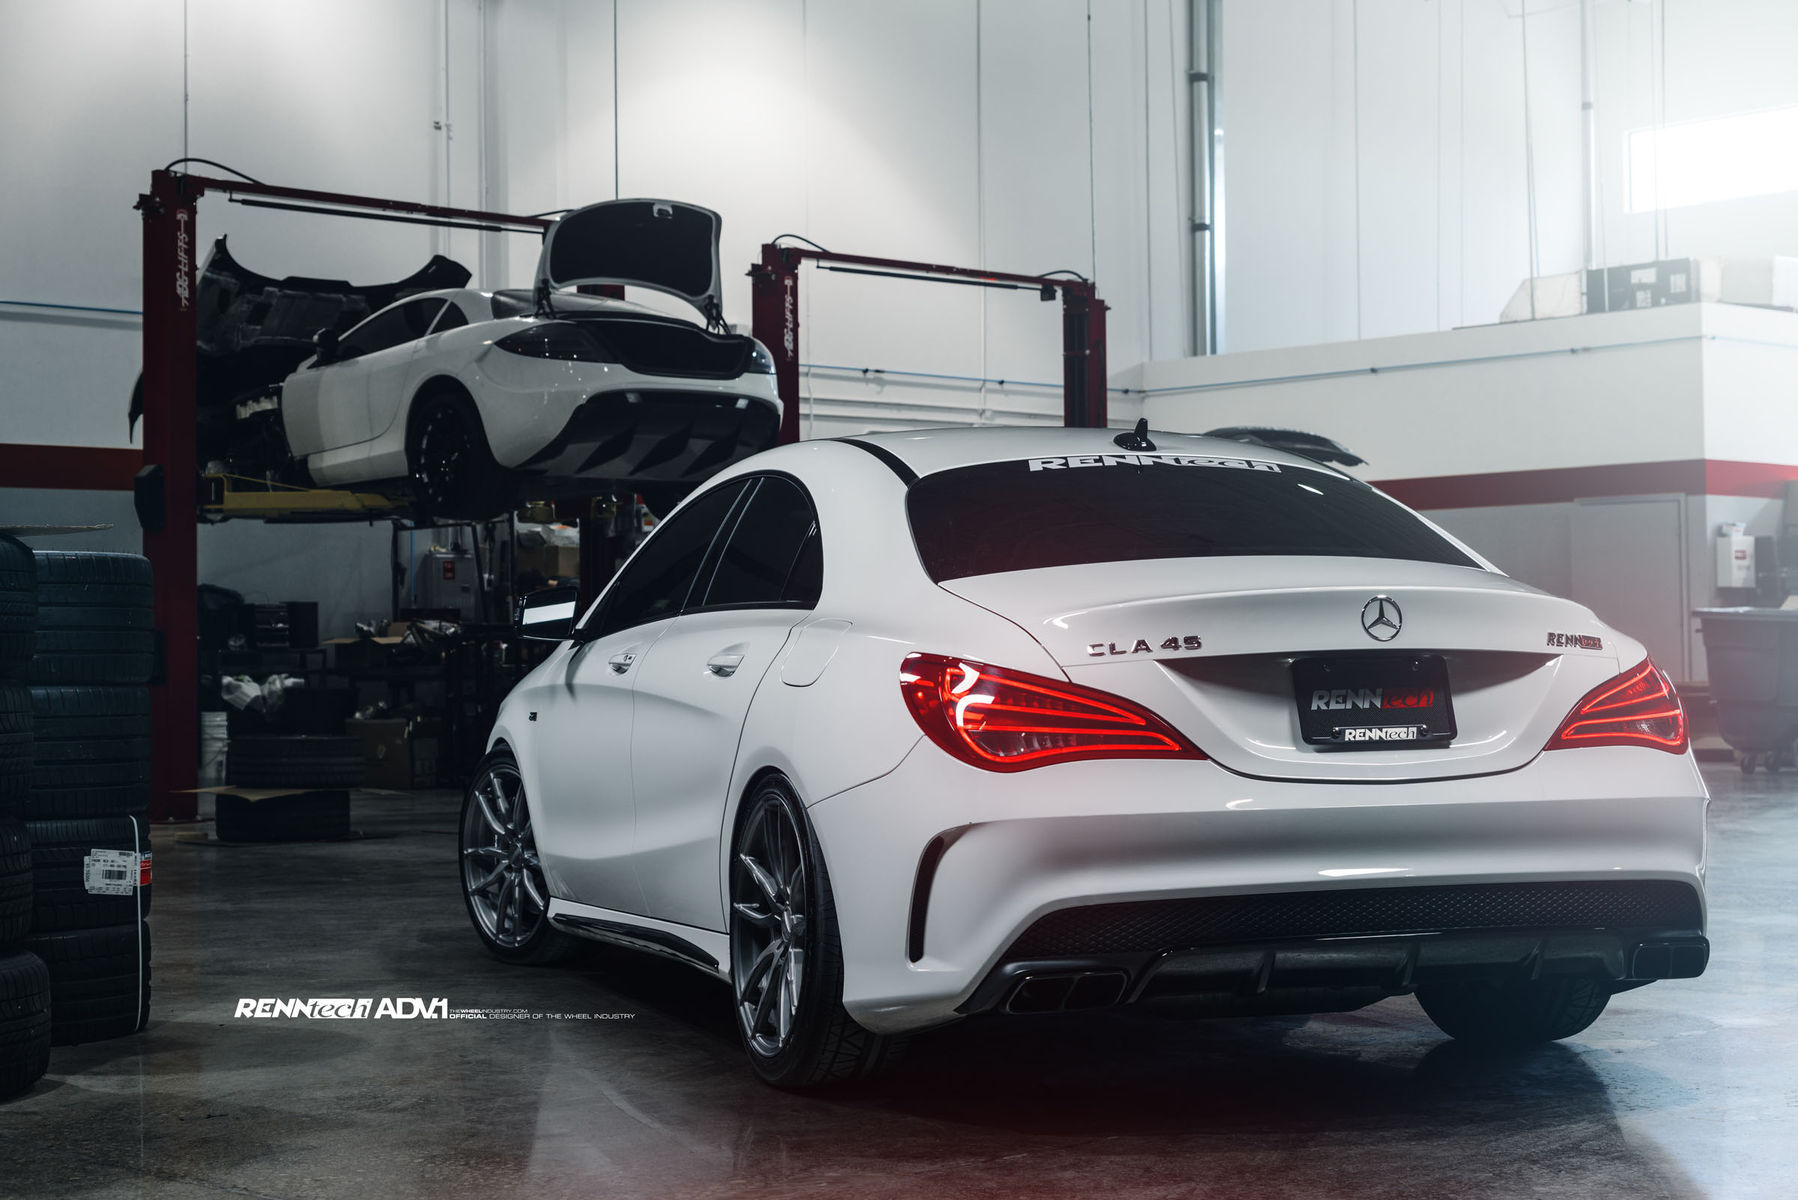 2015 Mercedes-Benz CLA-Class | Renntech Mercedes CLA45